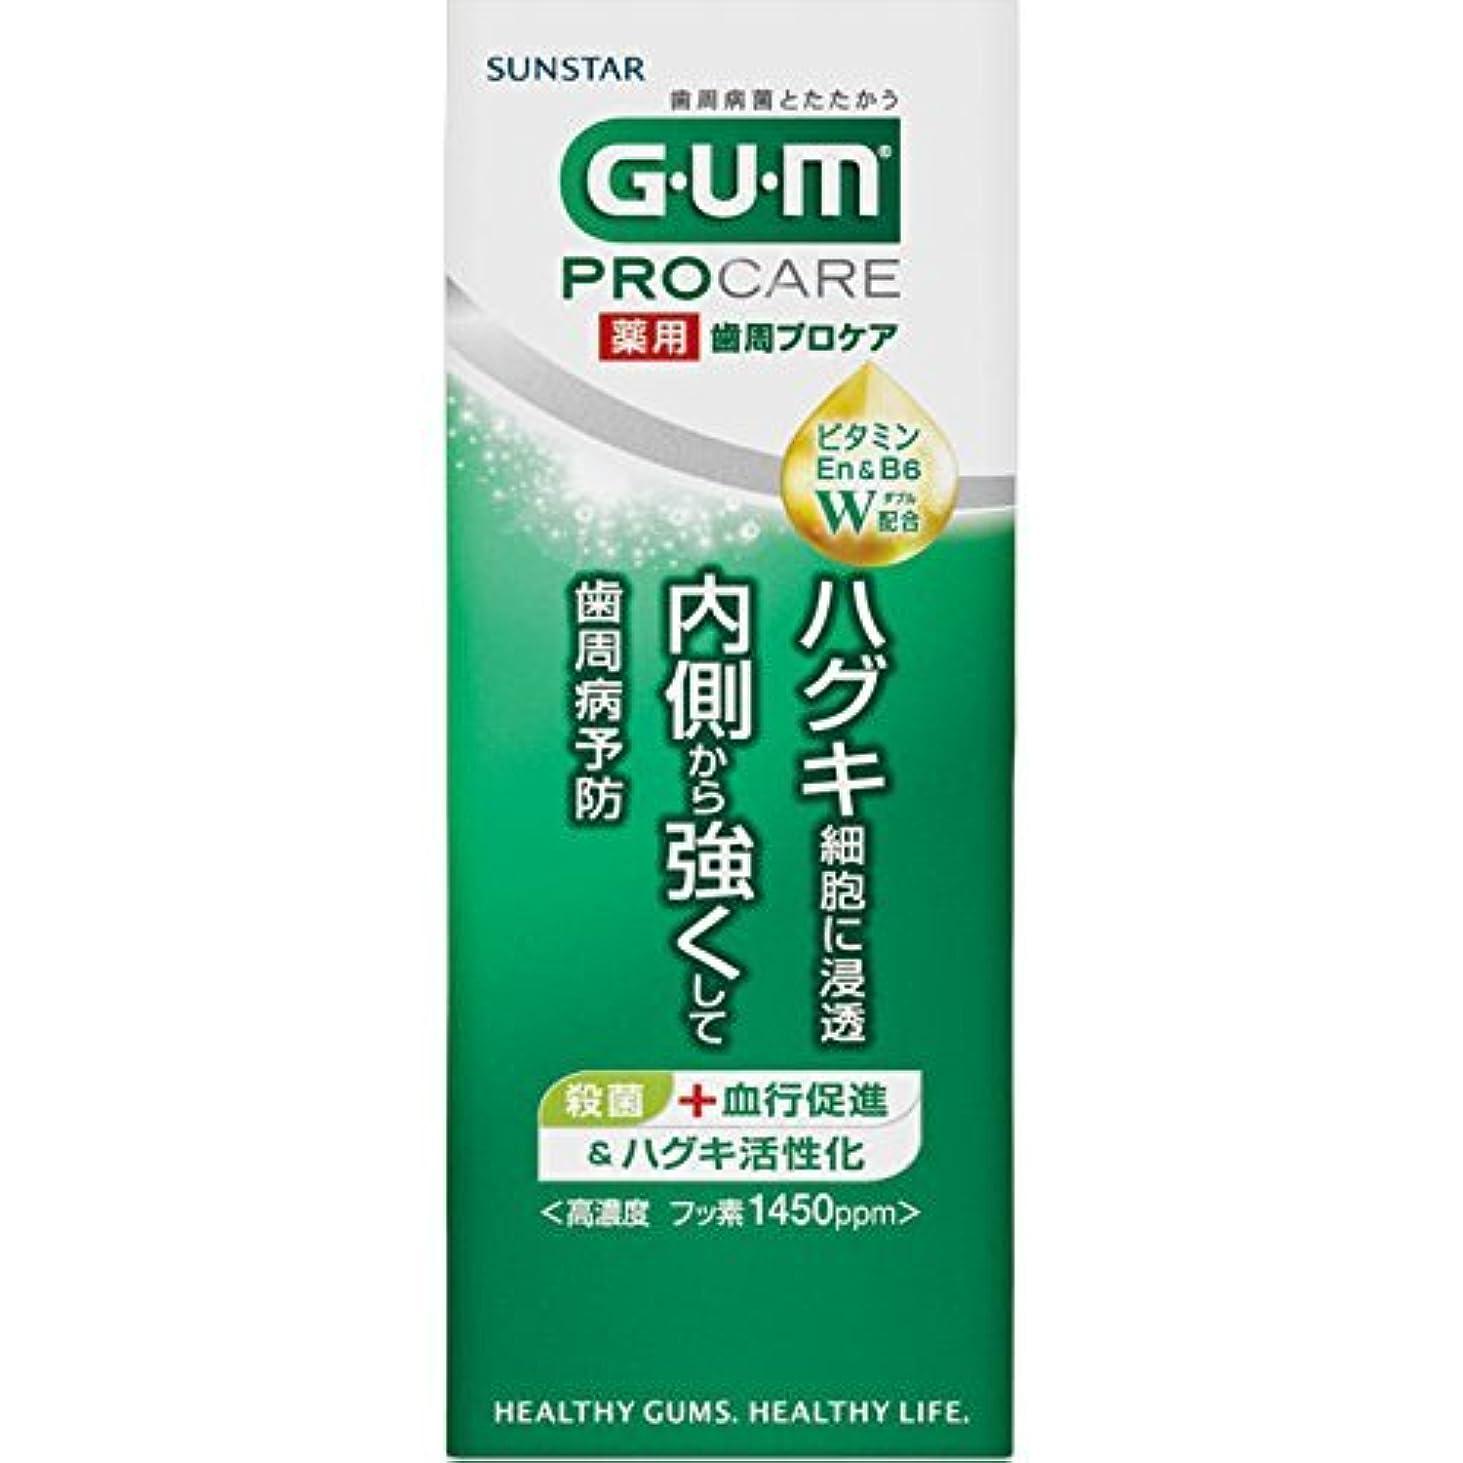 ハッピーメディック意識的[医薬部外品] GUM(ガム) 歯周プロケア 歯みがき 50g <歯周病予防 ハグキケア 高濃度フッ素配合1,450ppm>